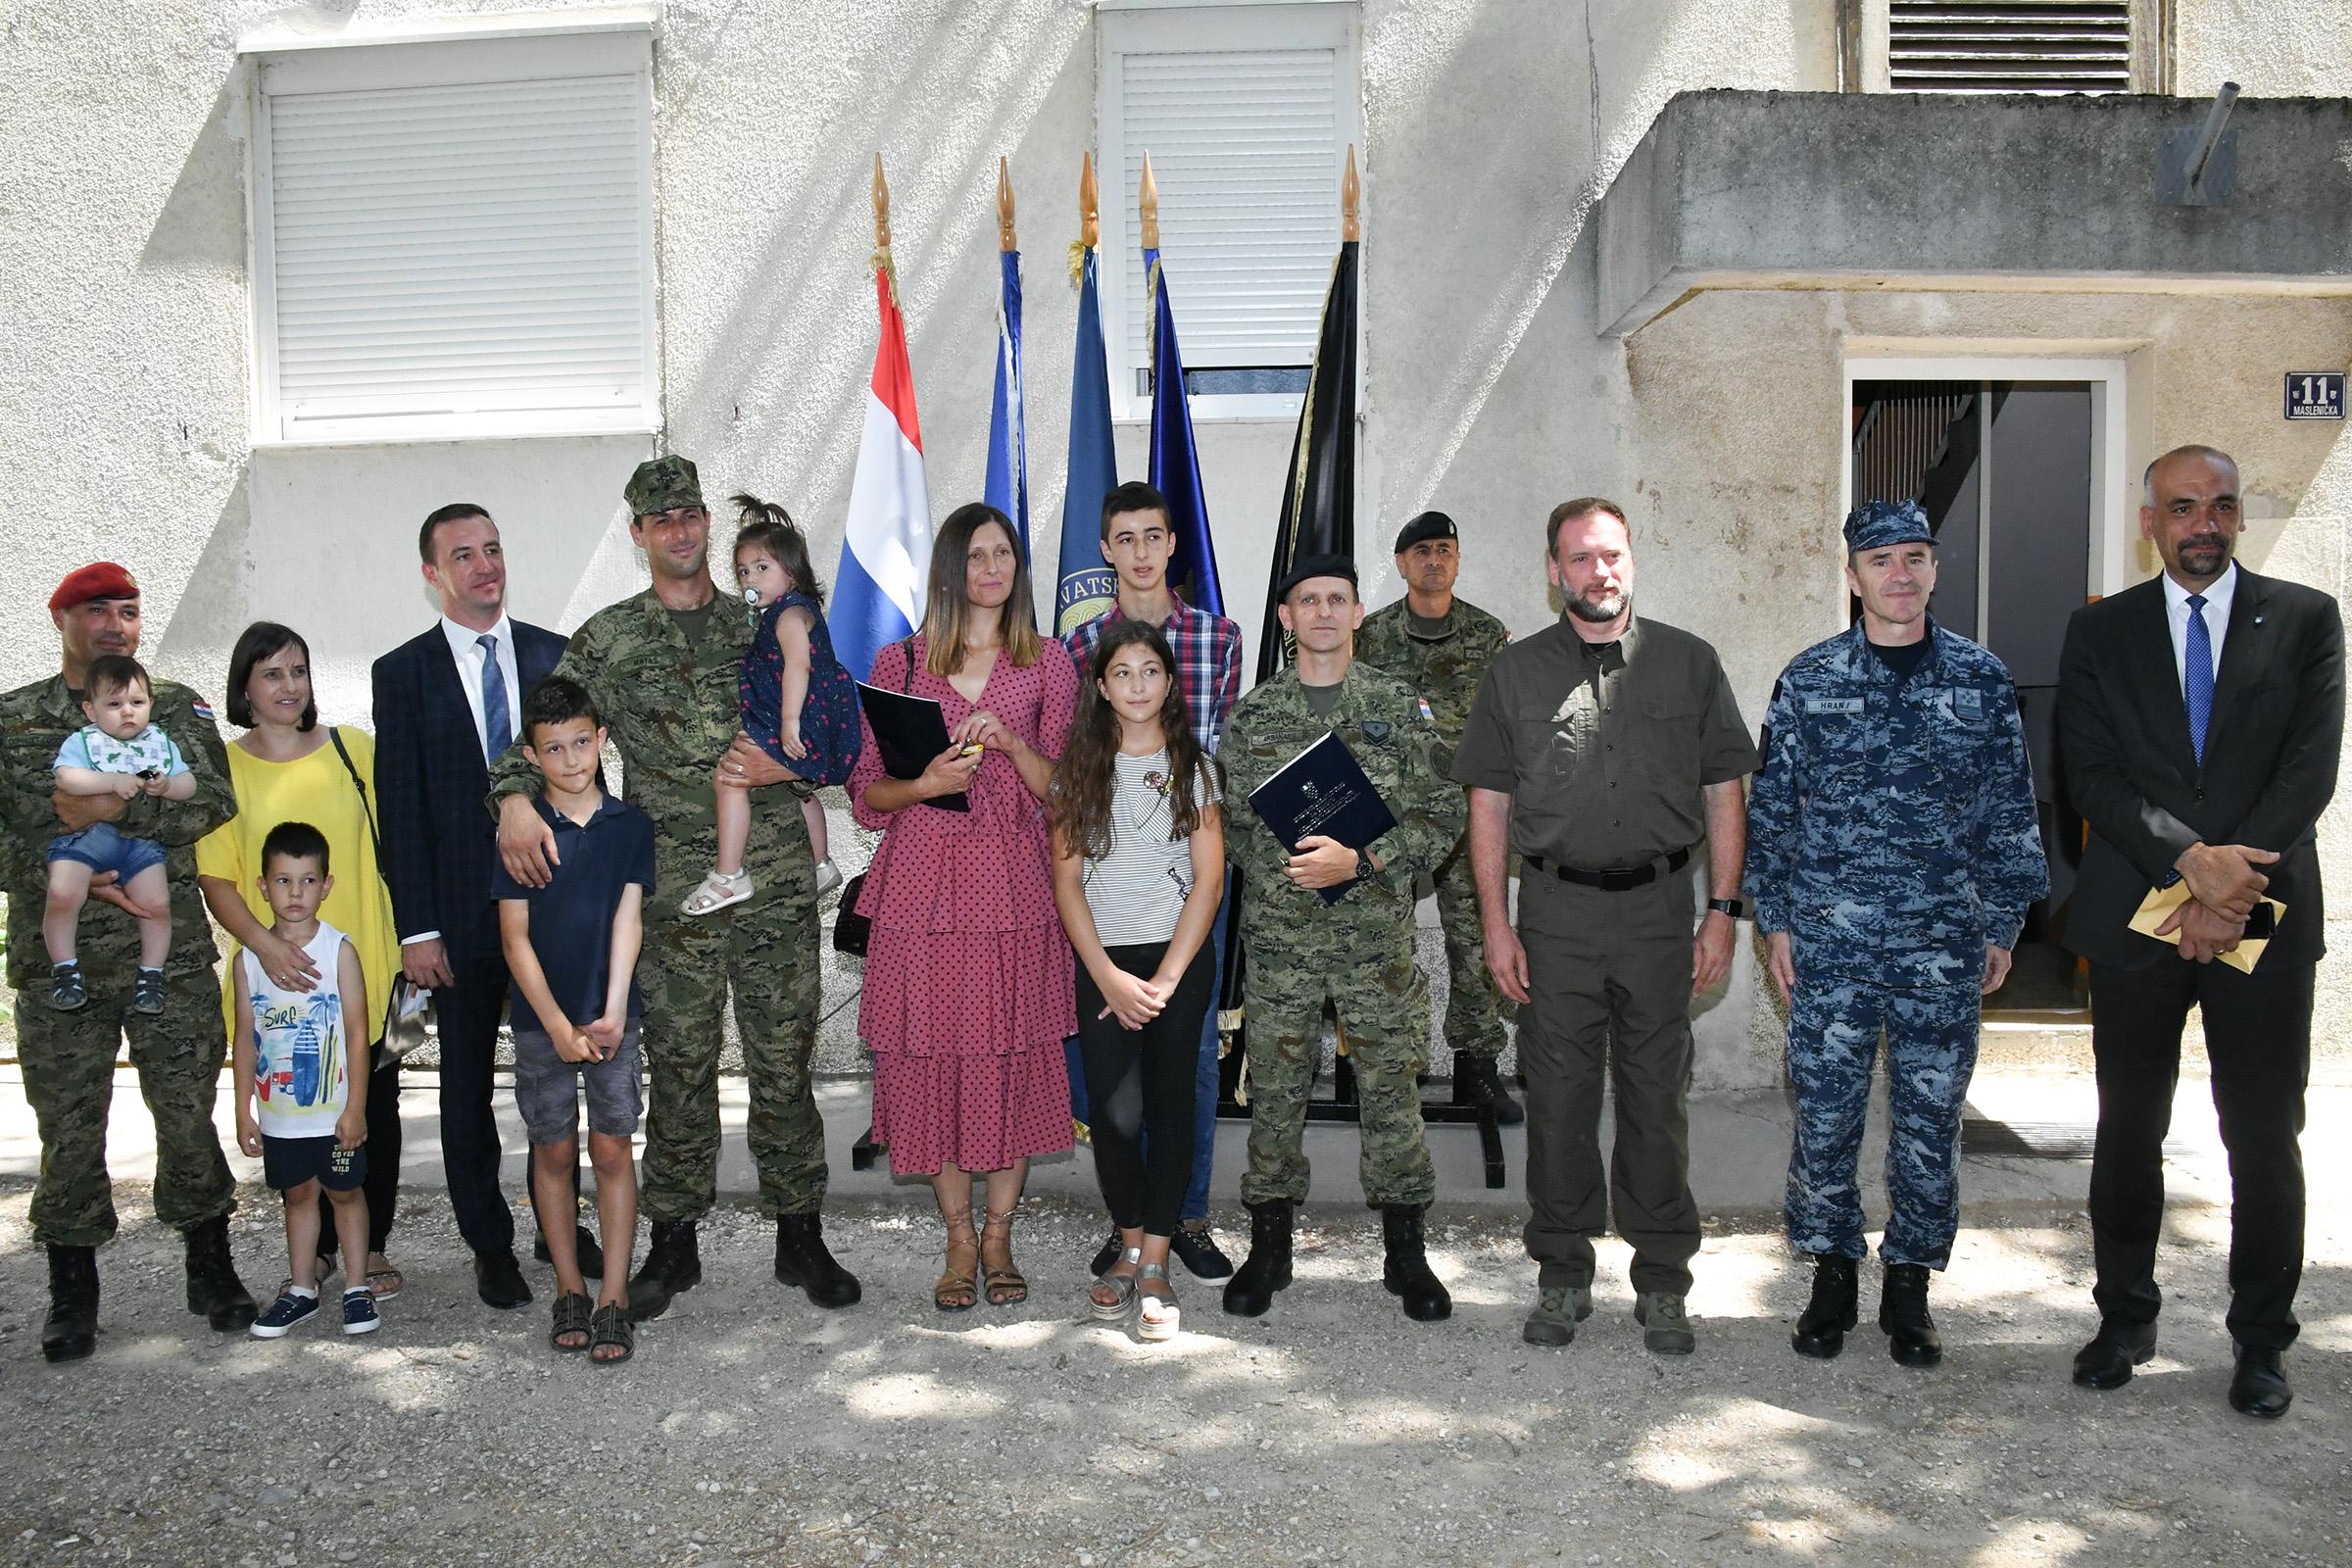 Ministar Banožić u Kninu uručio ključeve stanova trojici pripadnika Hrvatske vojske